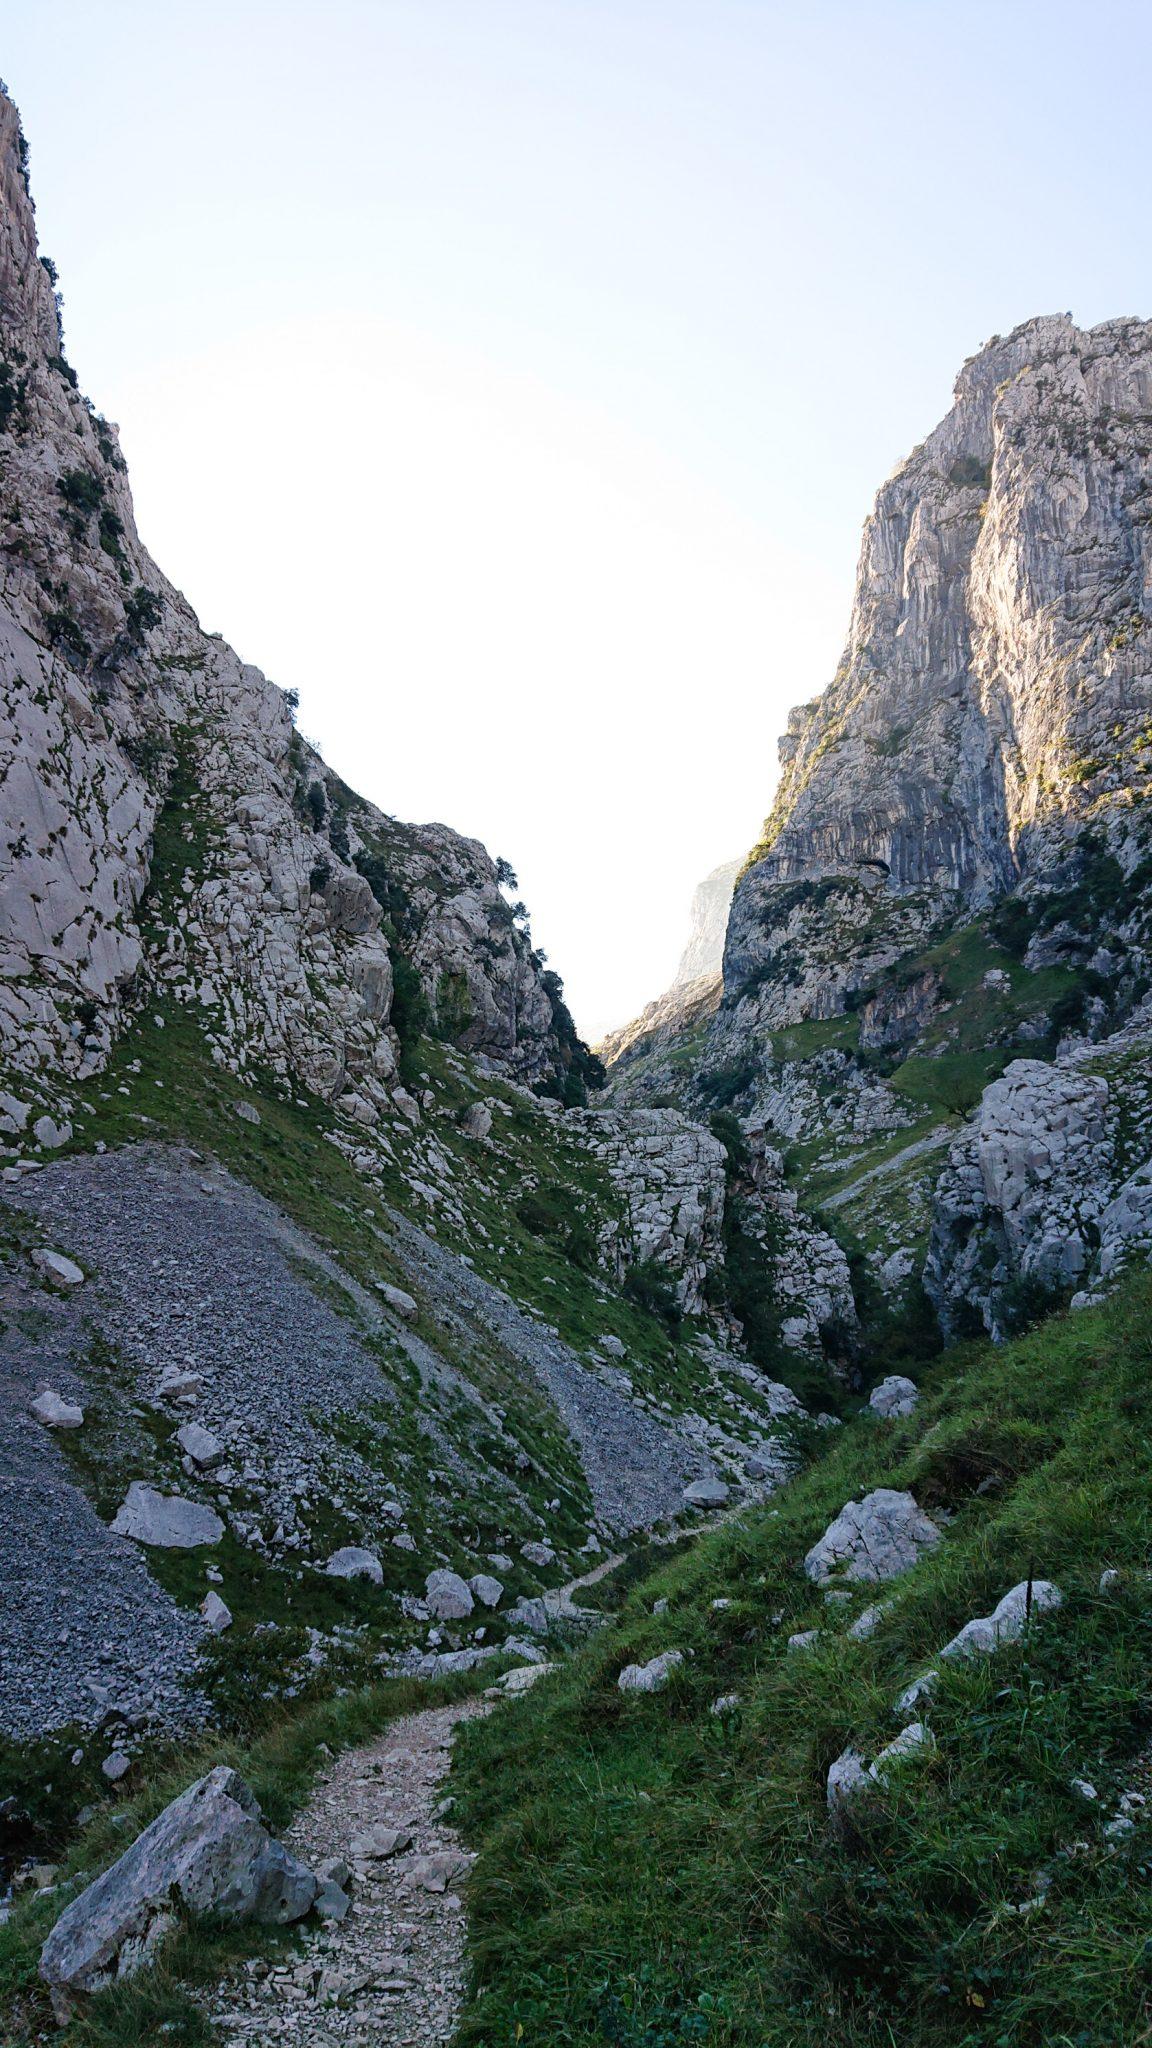 Wanderung Poncebos nach Bulnes in den Picos de Europa, schmaler Wanderpfad zwischen hohen Felswänden, saftig grüne Wiese, Steine und Geröll